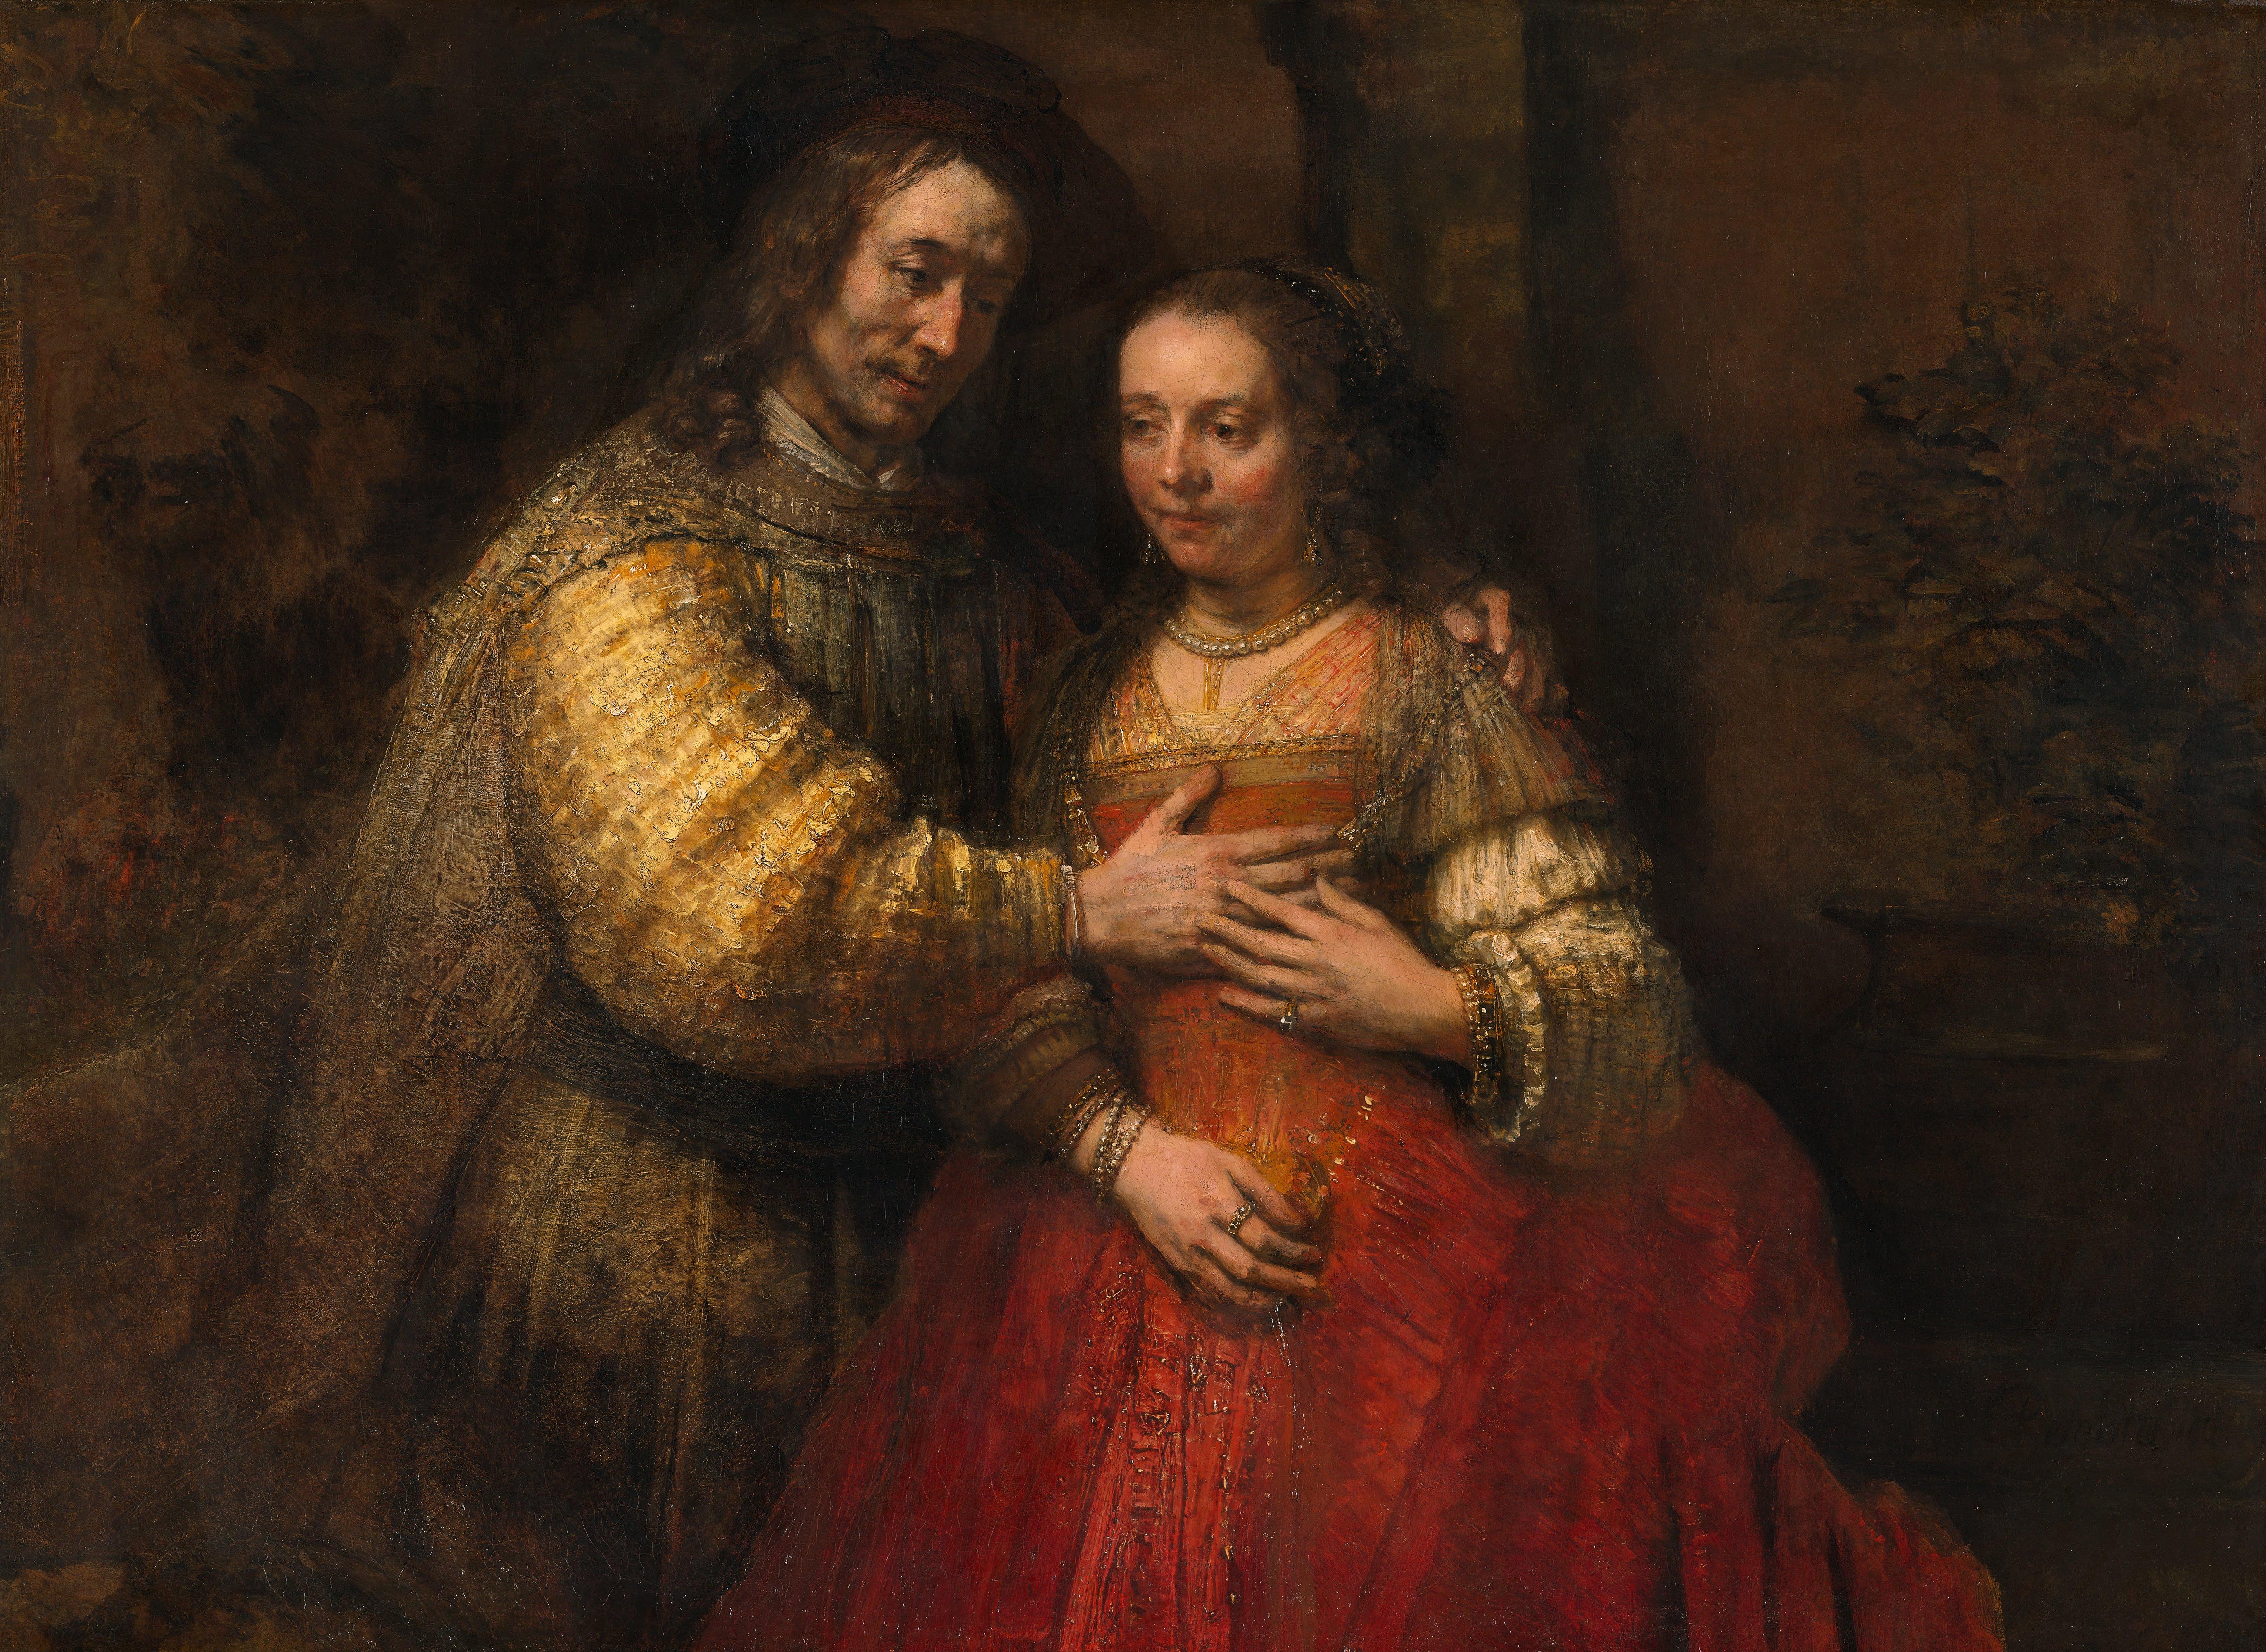 Regards à l'oeuvre: Rembrandt_Harmensz._van_Rijn_-_Portret_van_een_paar_als_oudtestamentische_figuren,_genaamd_'Het_Joodse_bruidje'_-1666, Amsterdam, Rijksmuseum, _Google_Art_Project.jpg